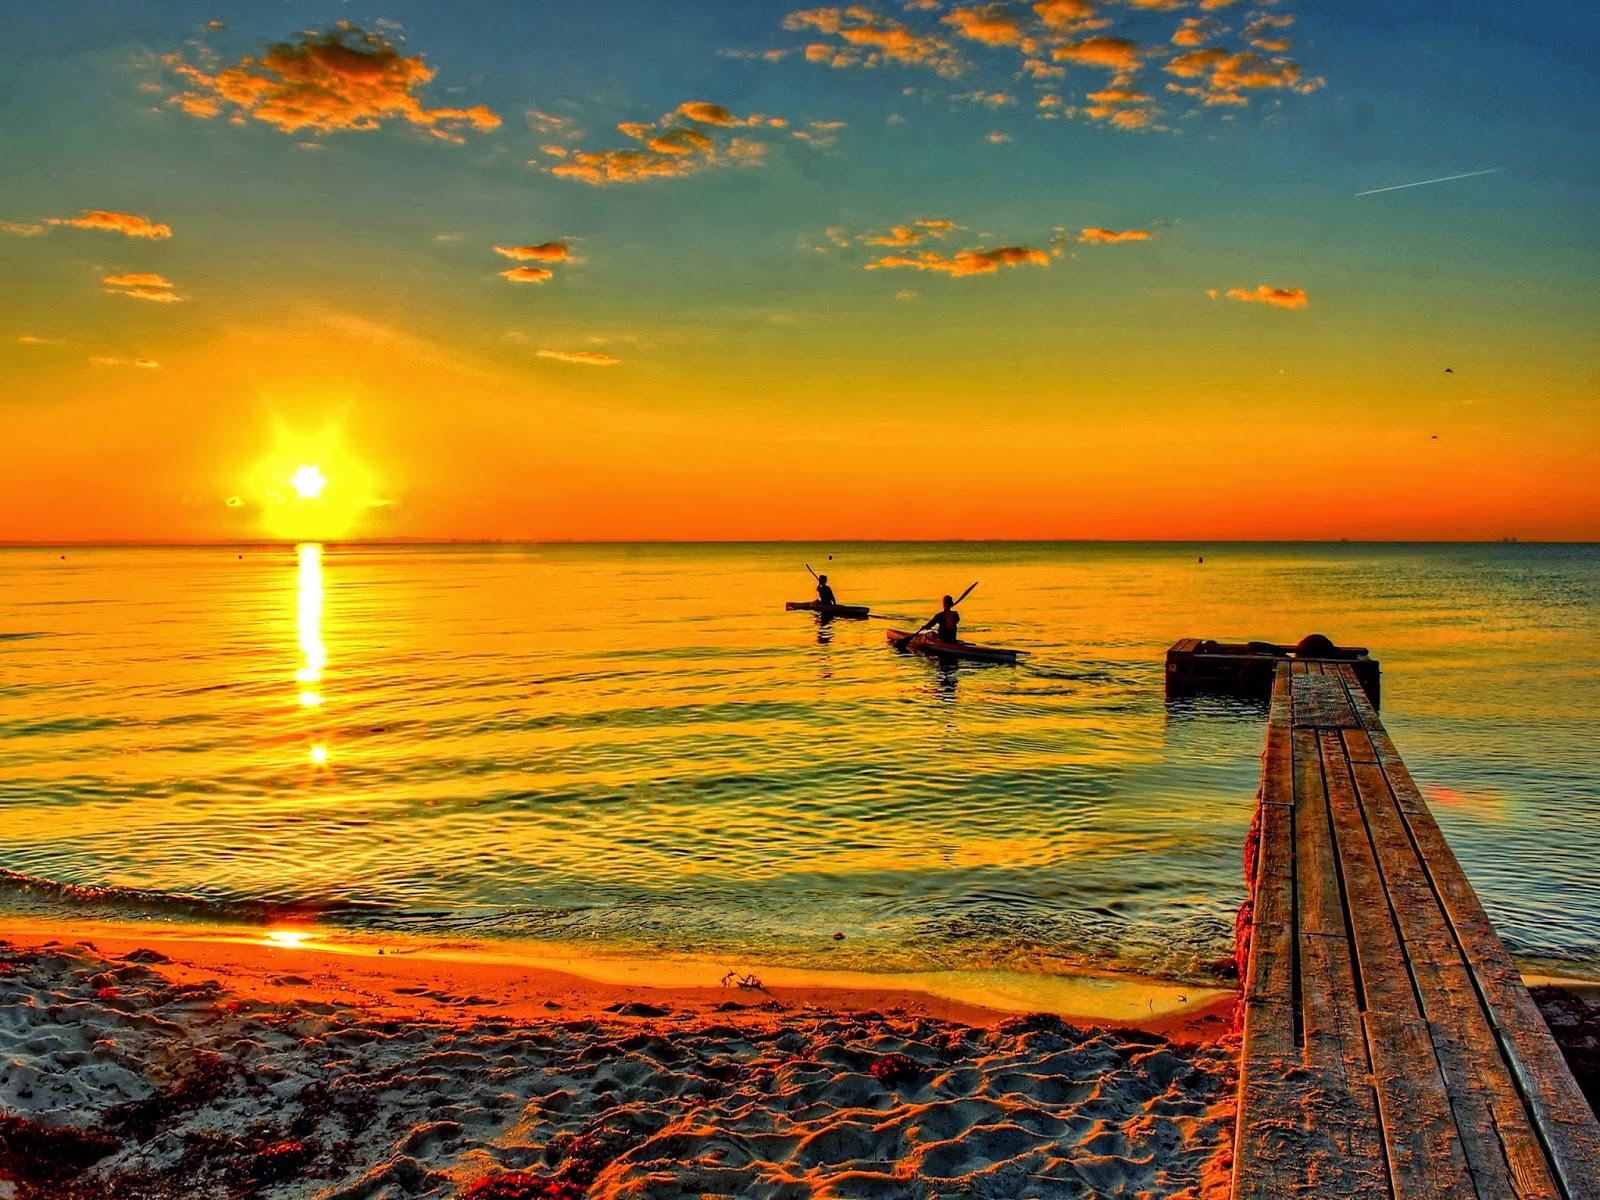 beach sunrise tumblr hd - photo #44